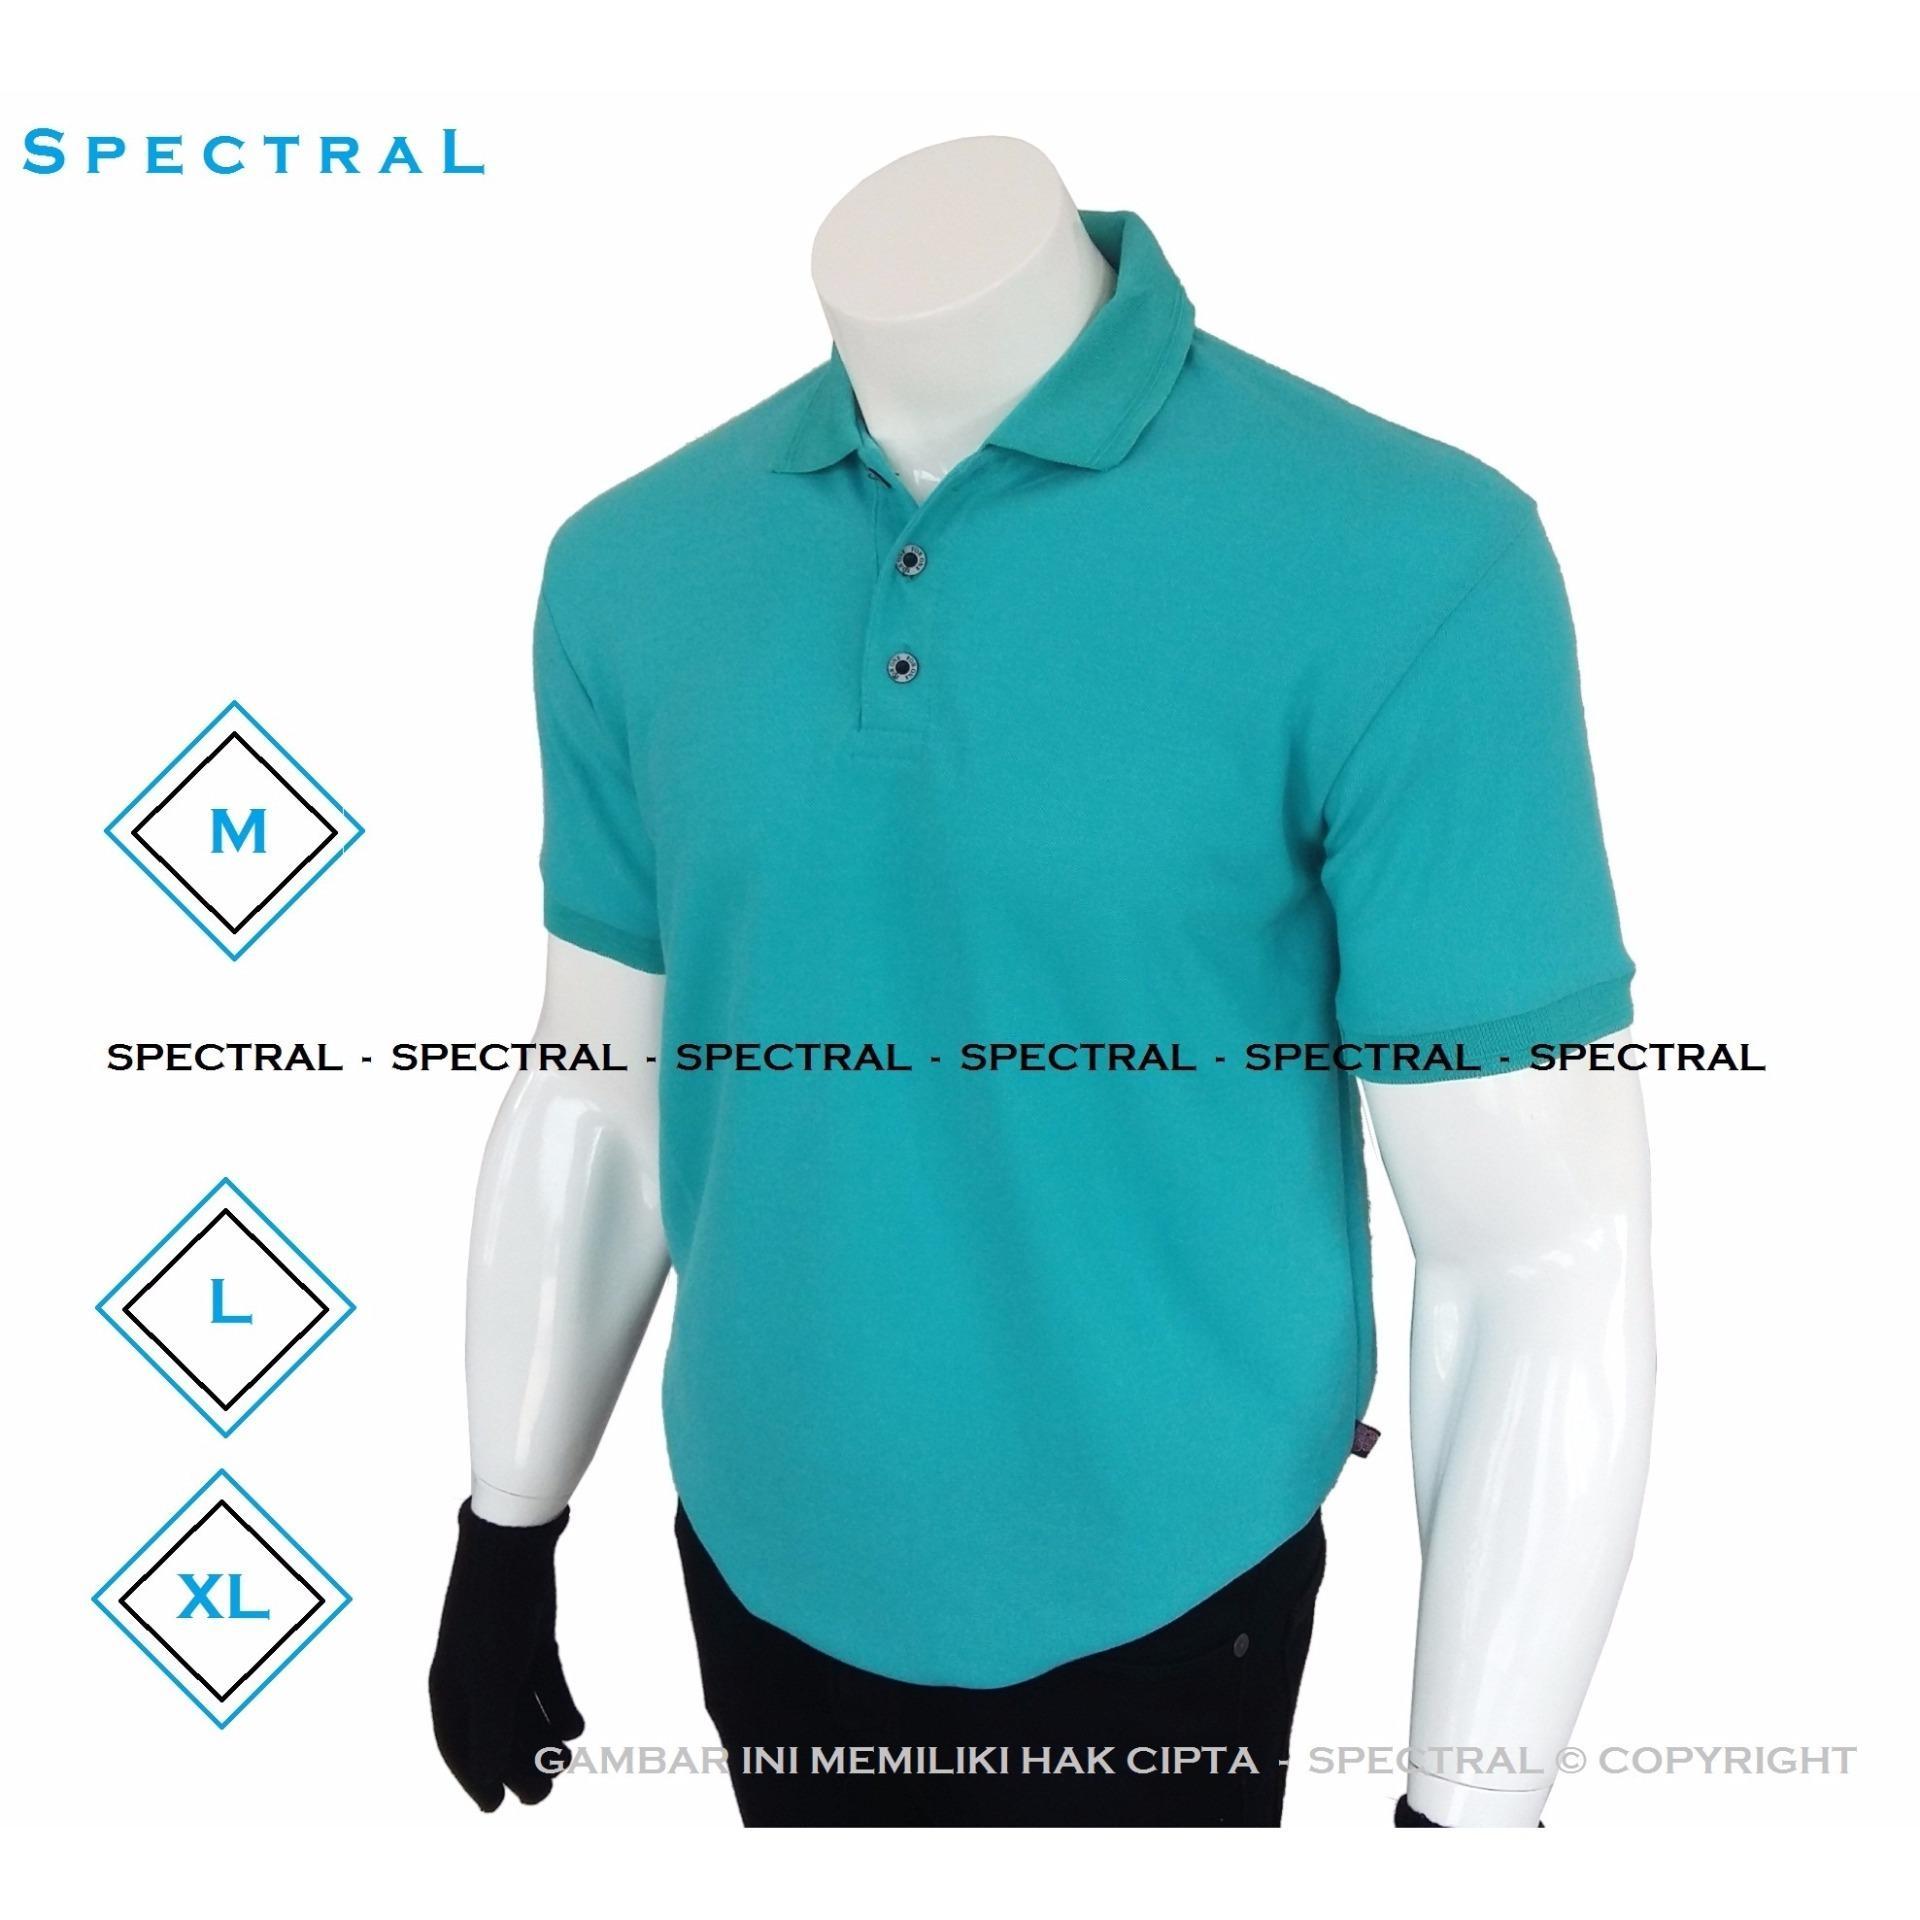 Hot Deals Spectral Polo Shirt Polos M L Xl Lengan Pendek Baju Kaos Pria Kartun Kerah Pakaian Berkerah Atasan